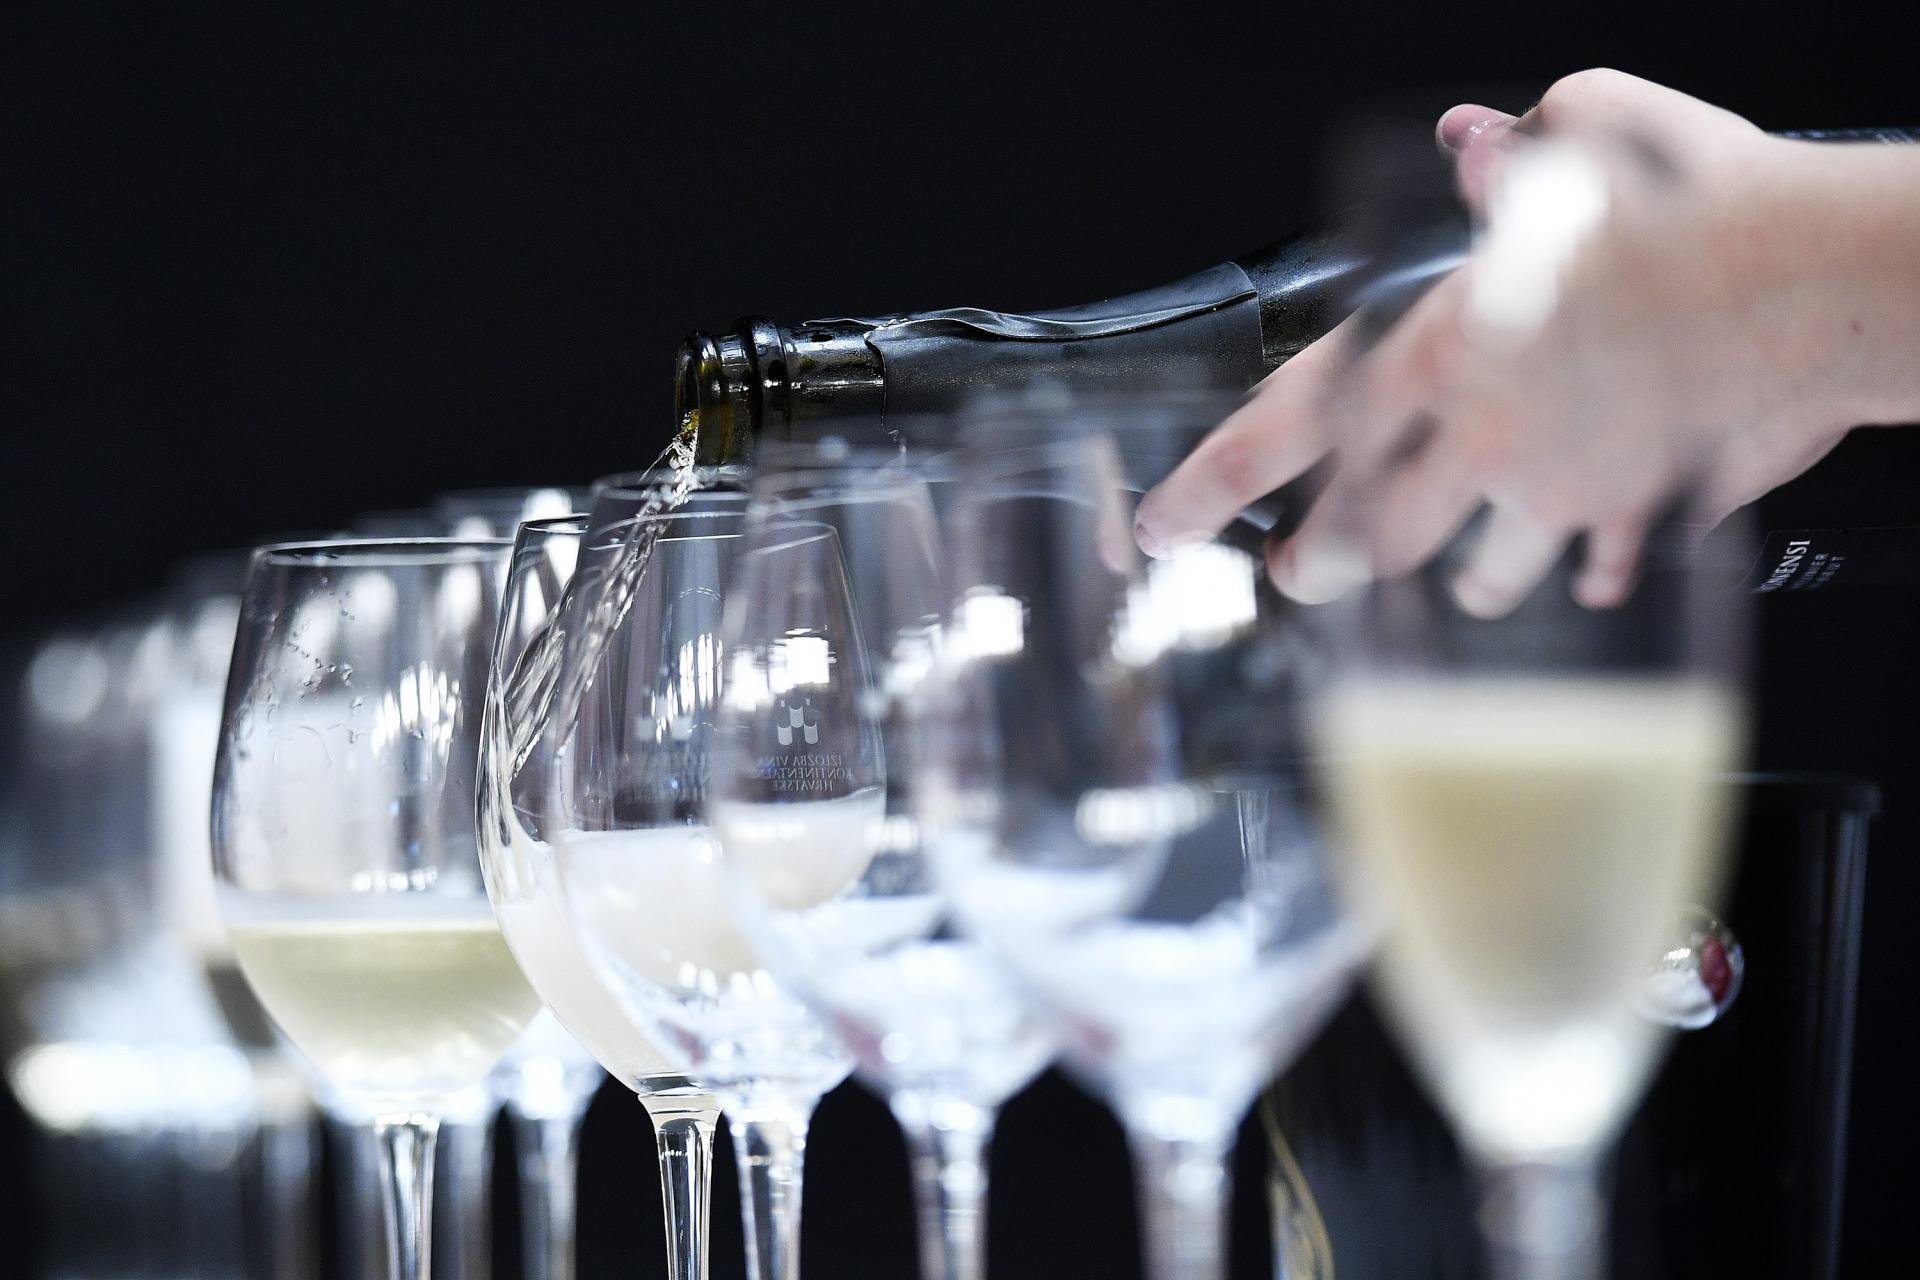 Koliko bi ubuduće mogla biti jeftinija boca vrhunskog ili kvalitetnog vina nije moguće precizirati